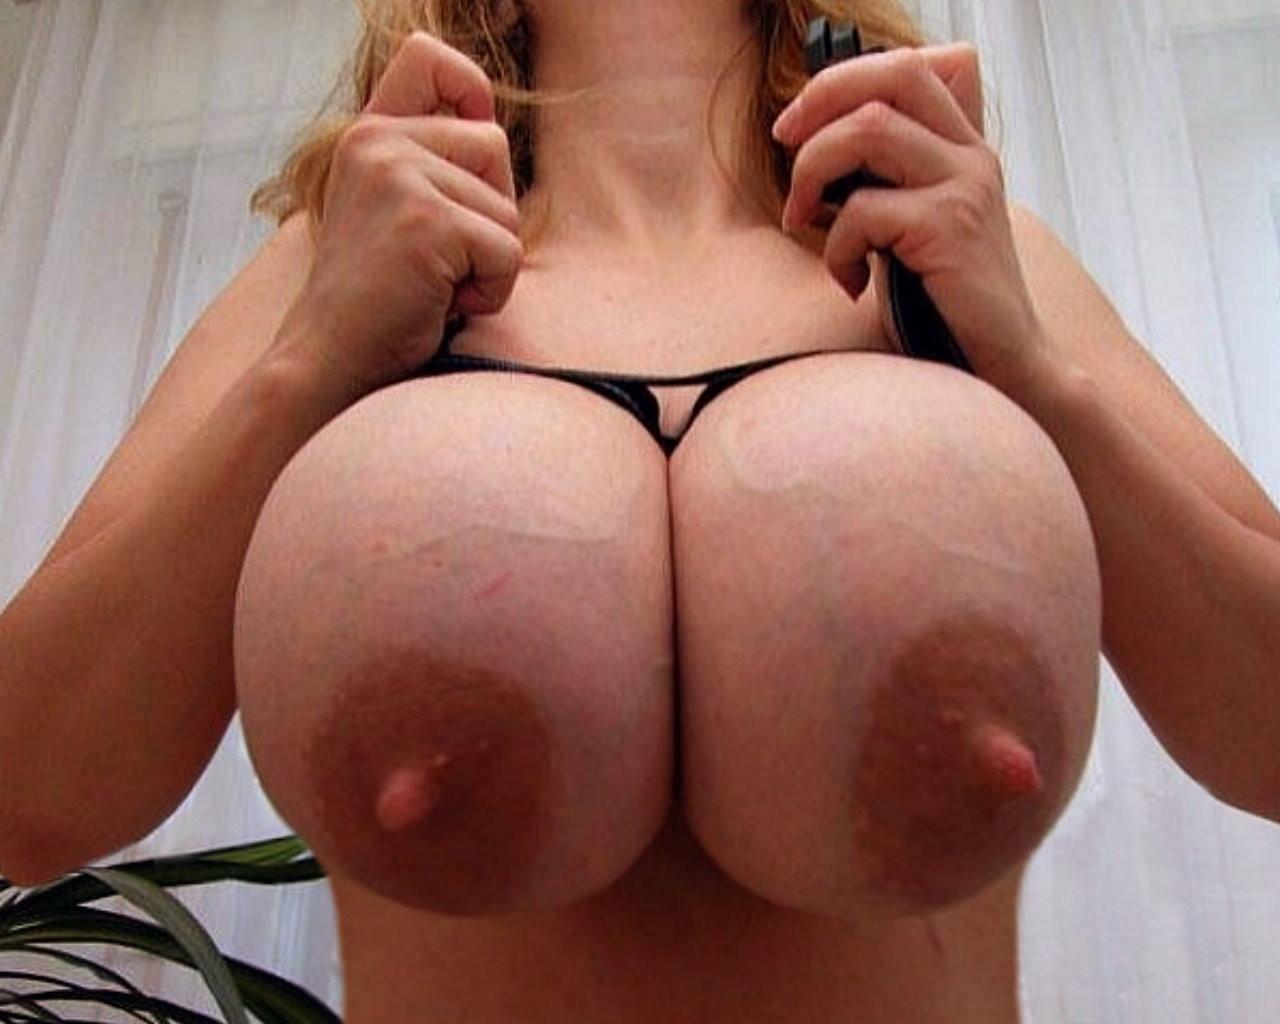 Big tits bondage porn-6368